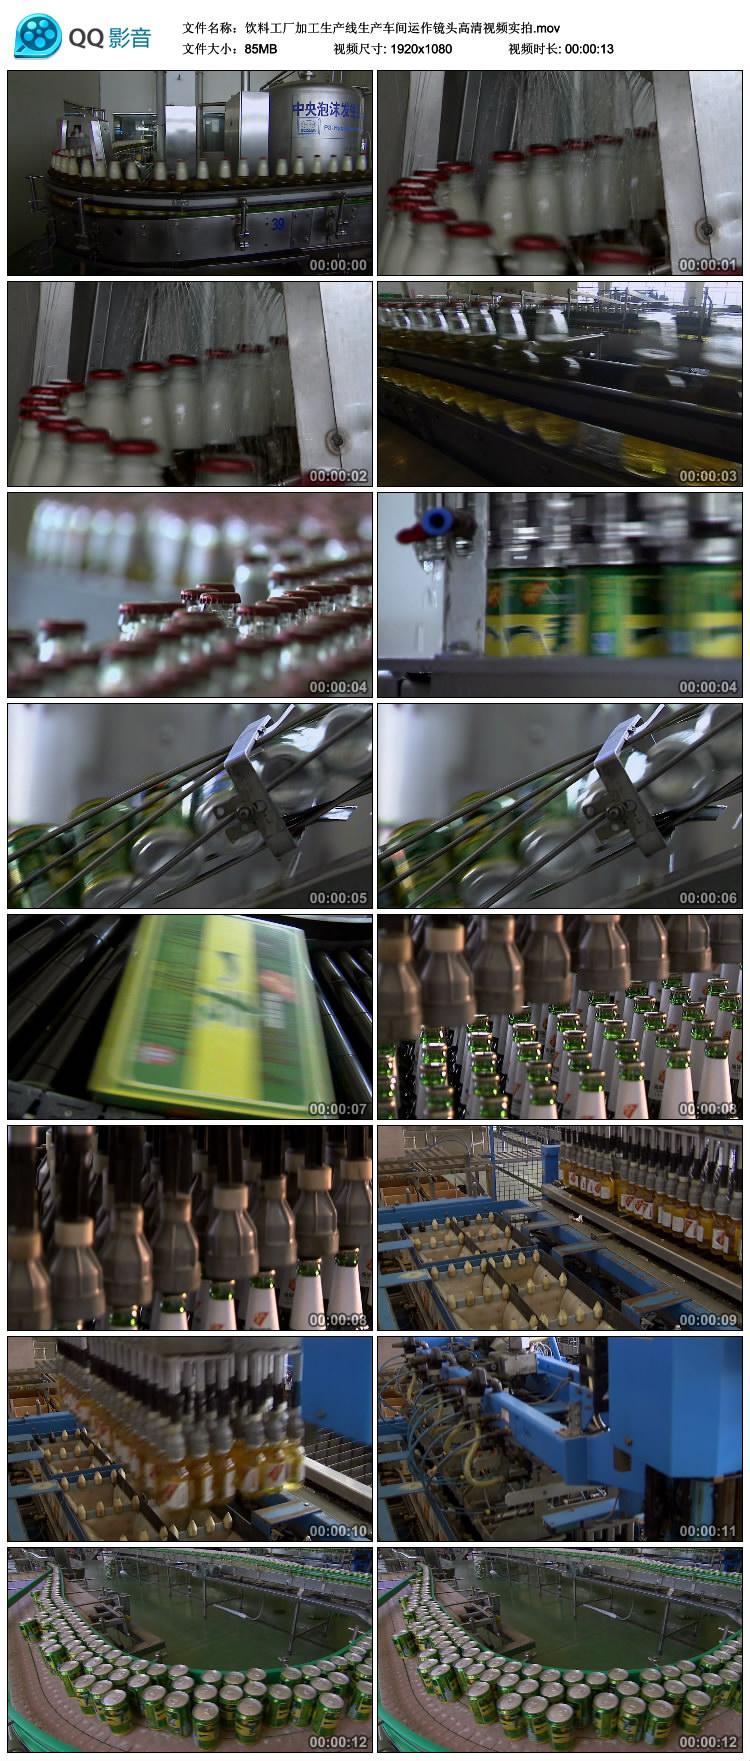 饮料啤酒加工生产线啤酒酒厂 啤酒生产生产车间高清实拍视频素材